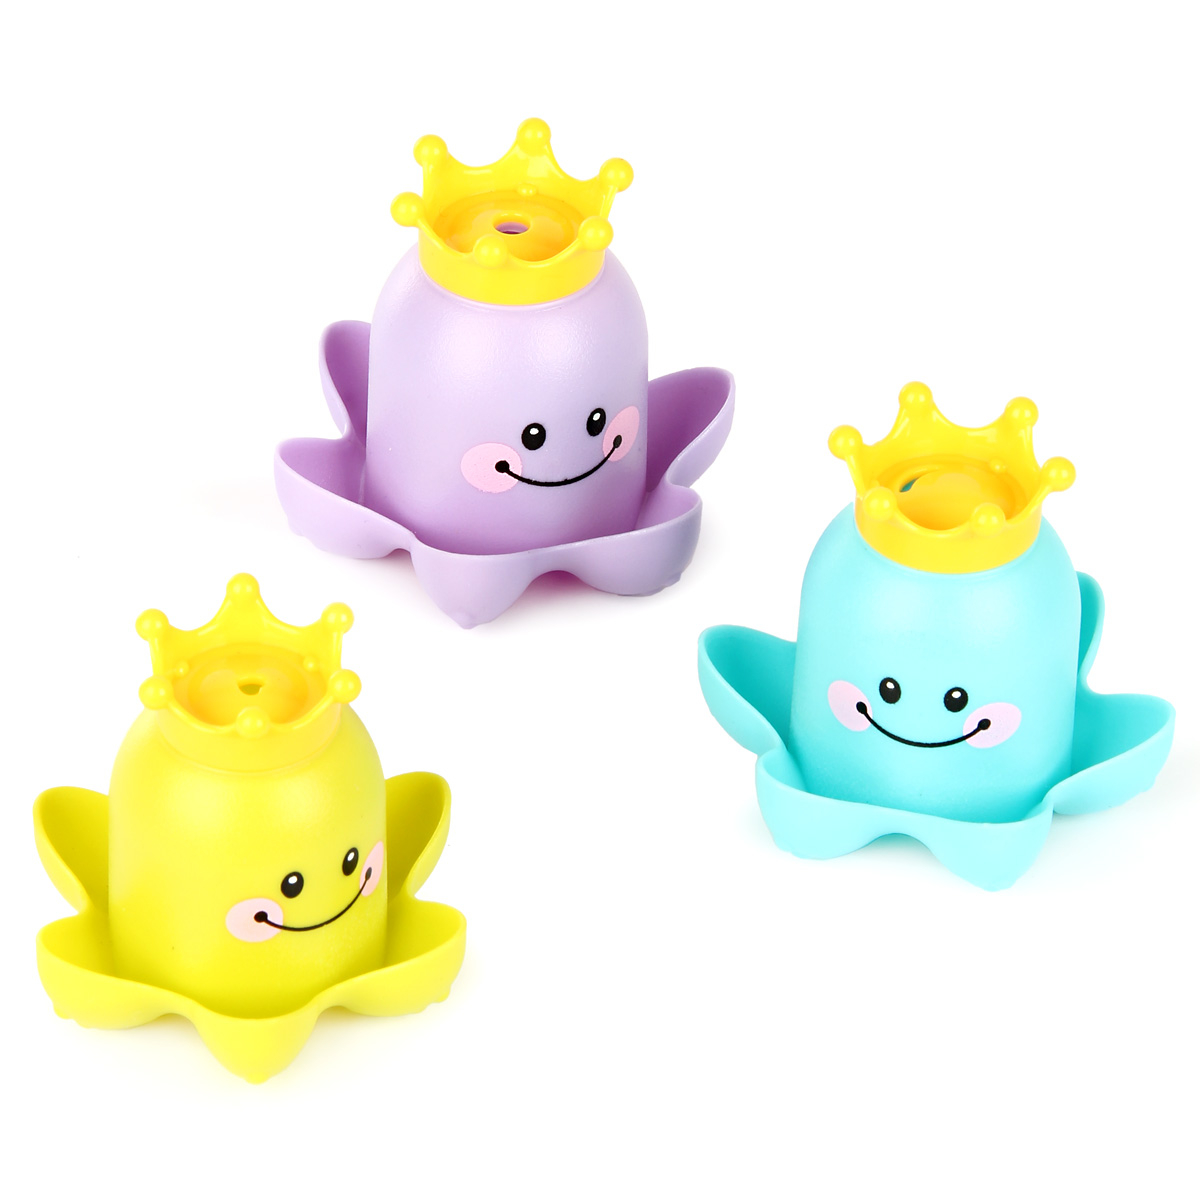 Игрушки для ванны Ути Пути Набор игрушек для ванны Ути Пути «Морские обитатели»